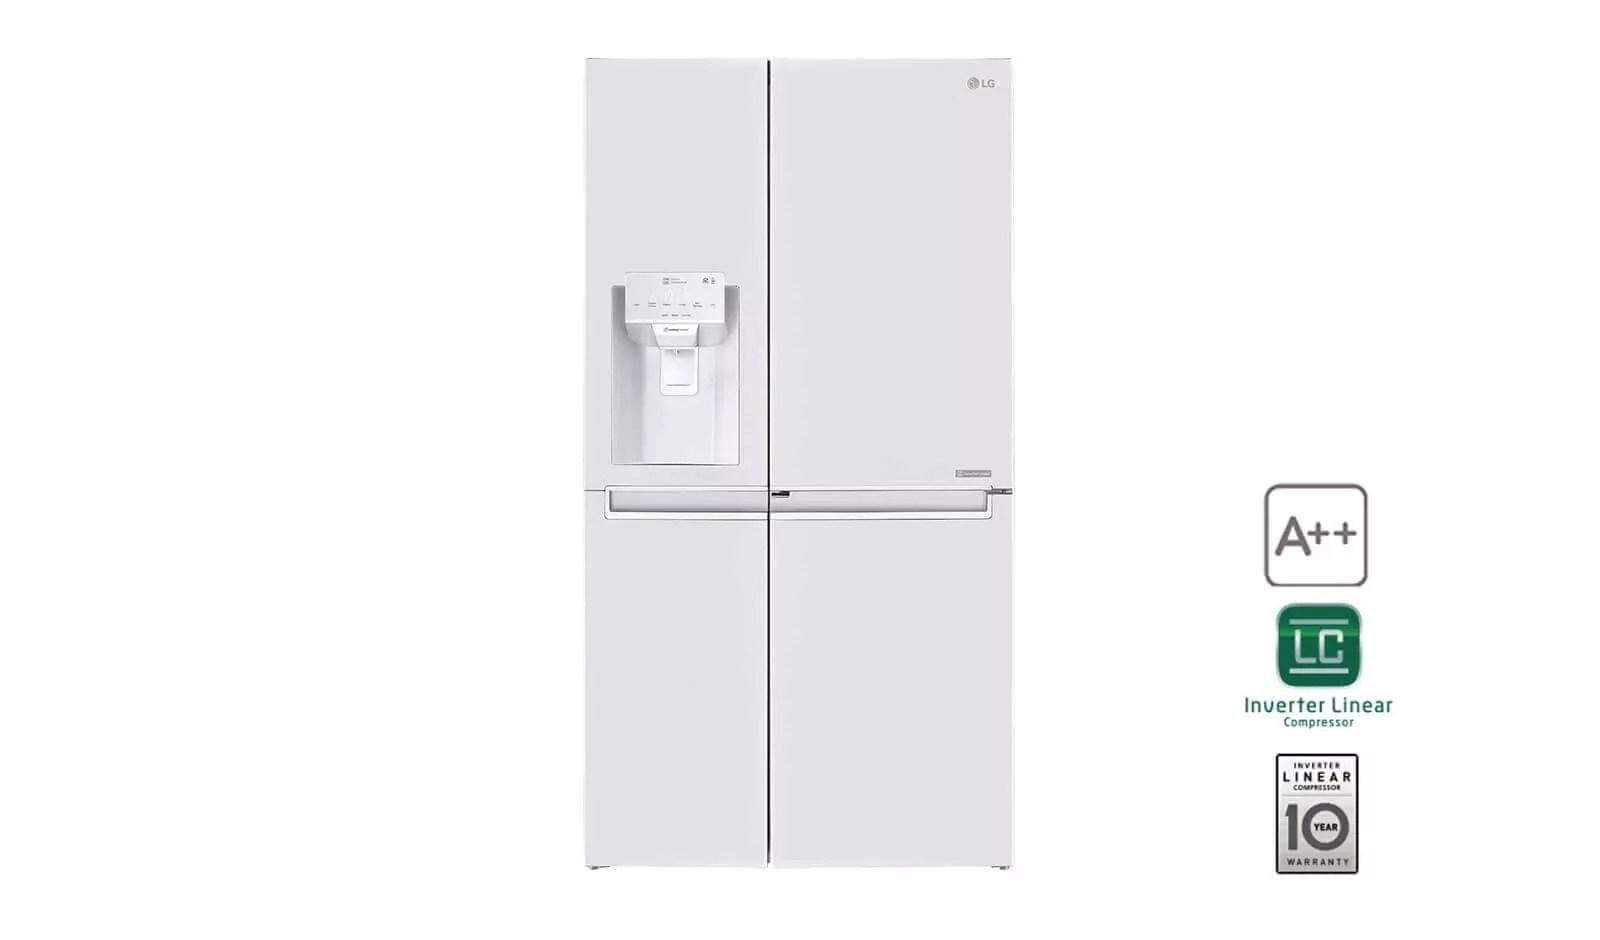 Amerikanischer Kühlschrank Ohne Wasseranschluss Test : Kühlschrank wasseranschluss kühlschrank ohne festwasseranschluss